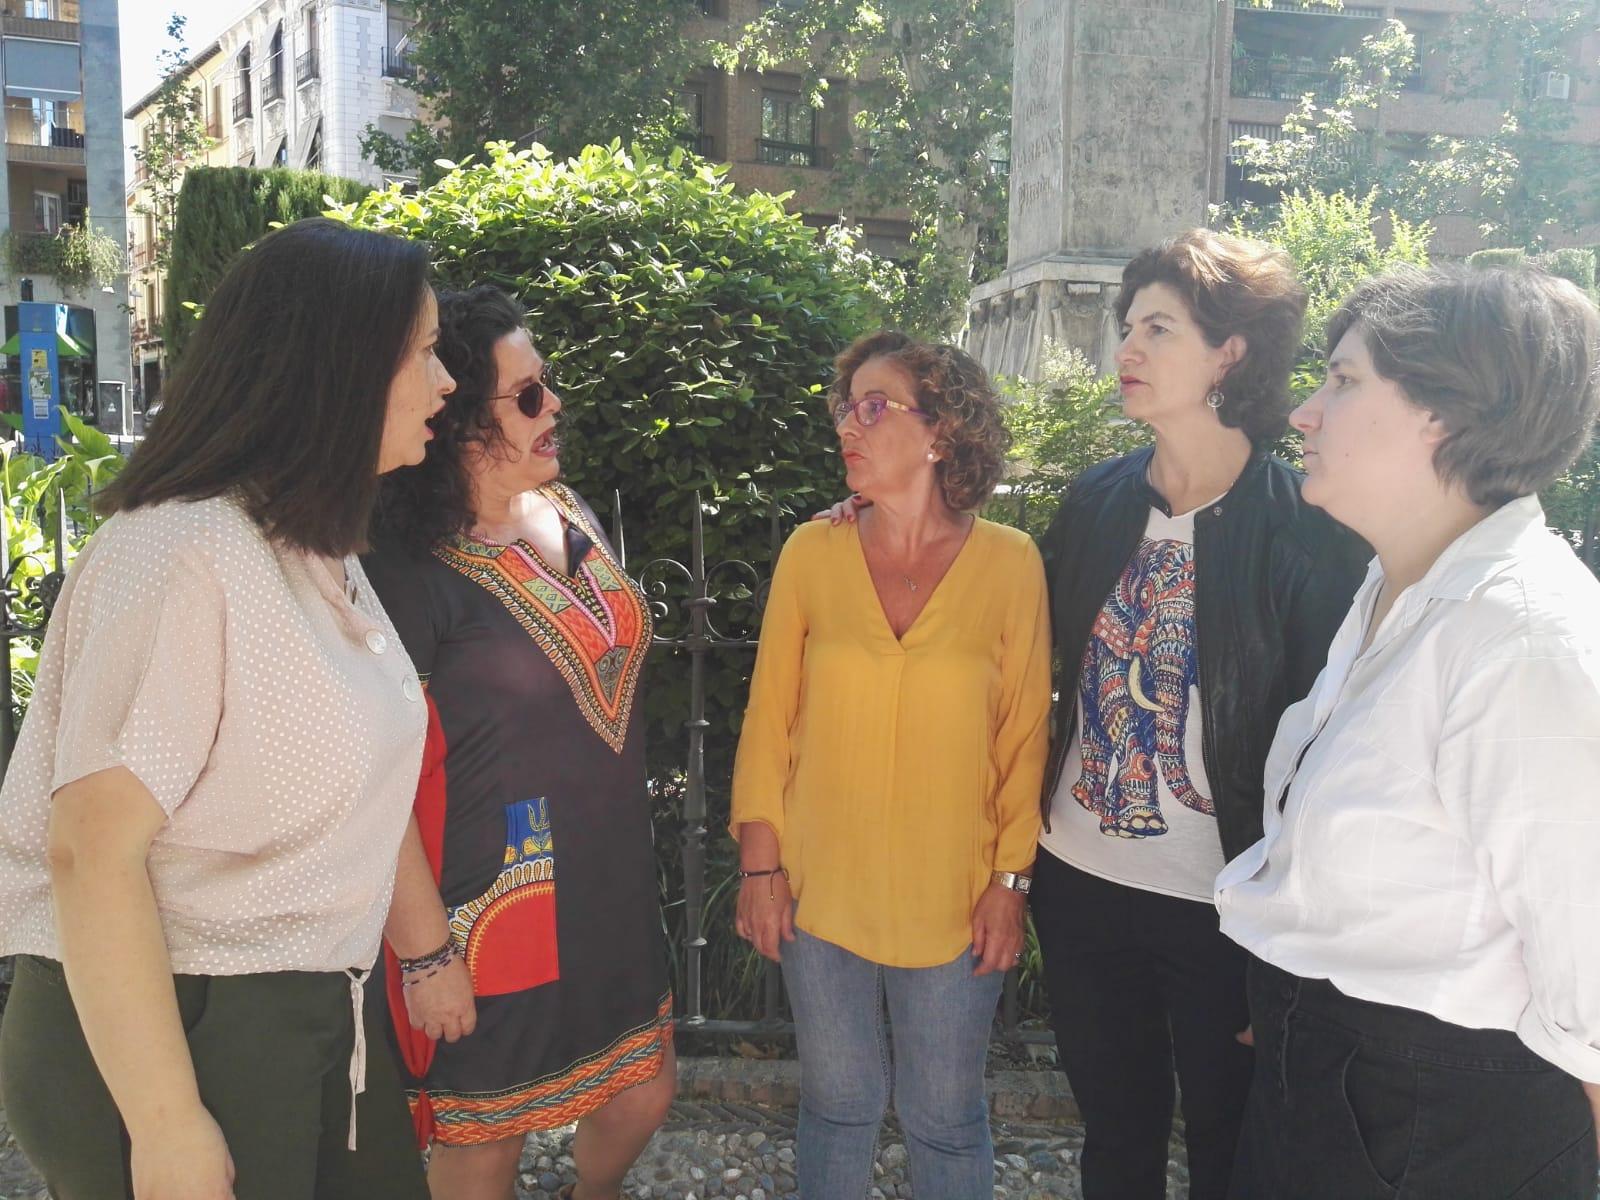 #26M: Podemos IU Adelante quiere una ciudad diseñada también para las mujeres